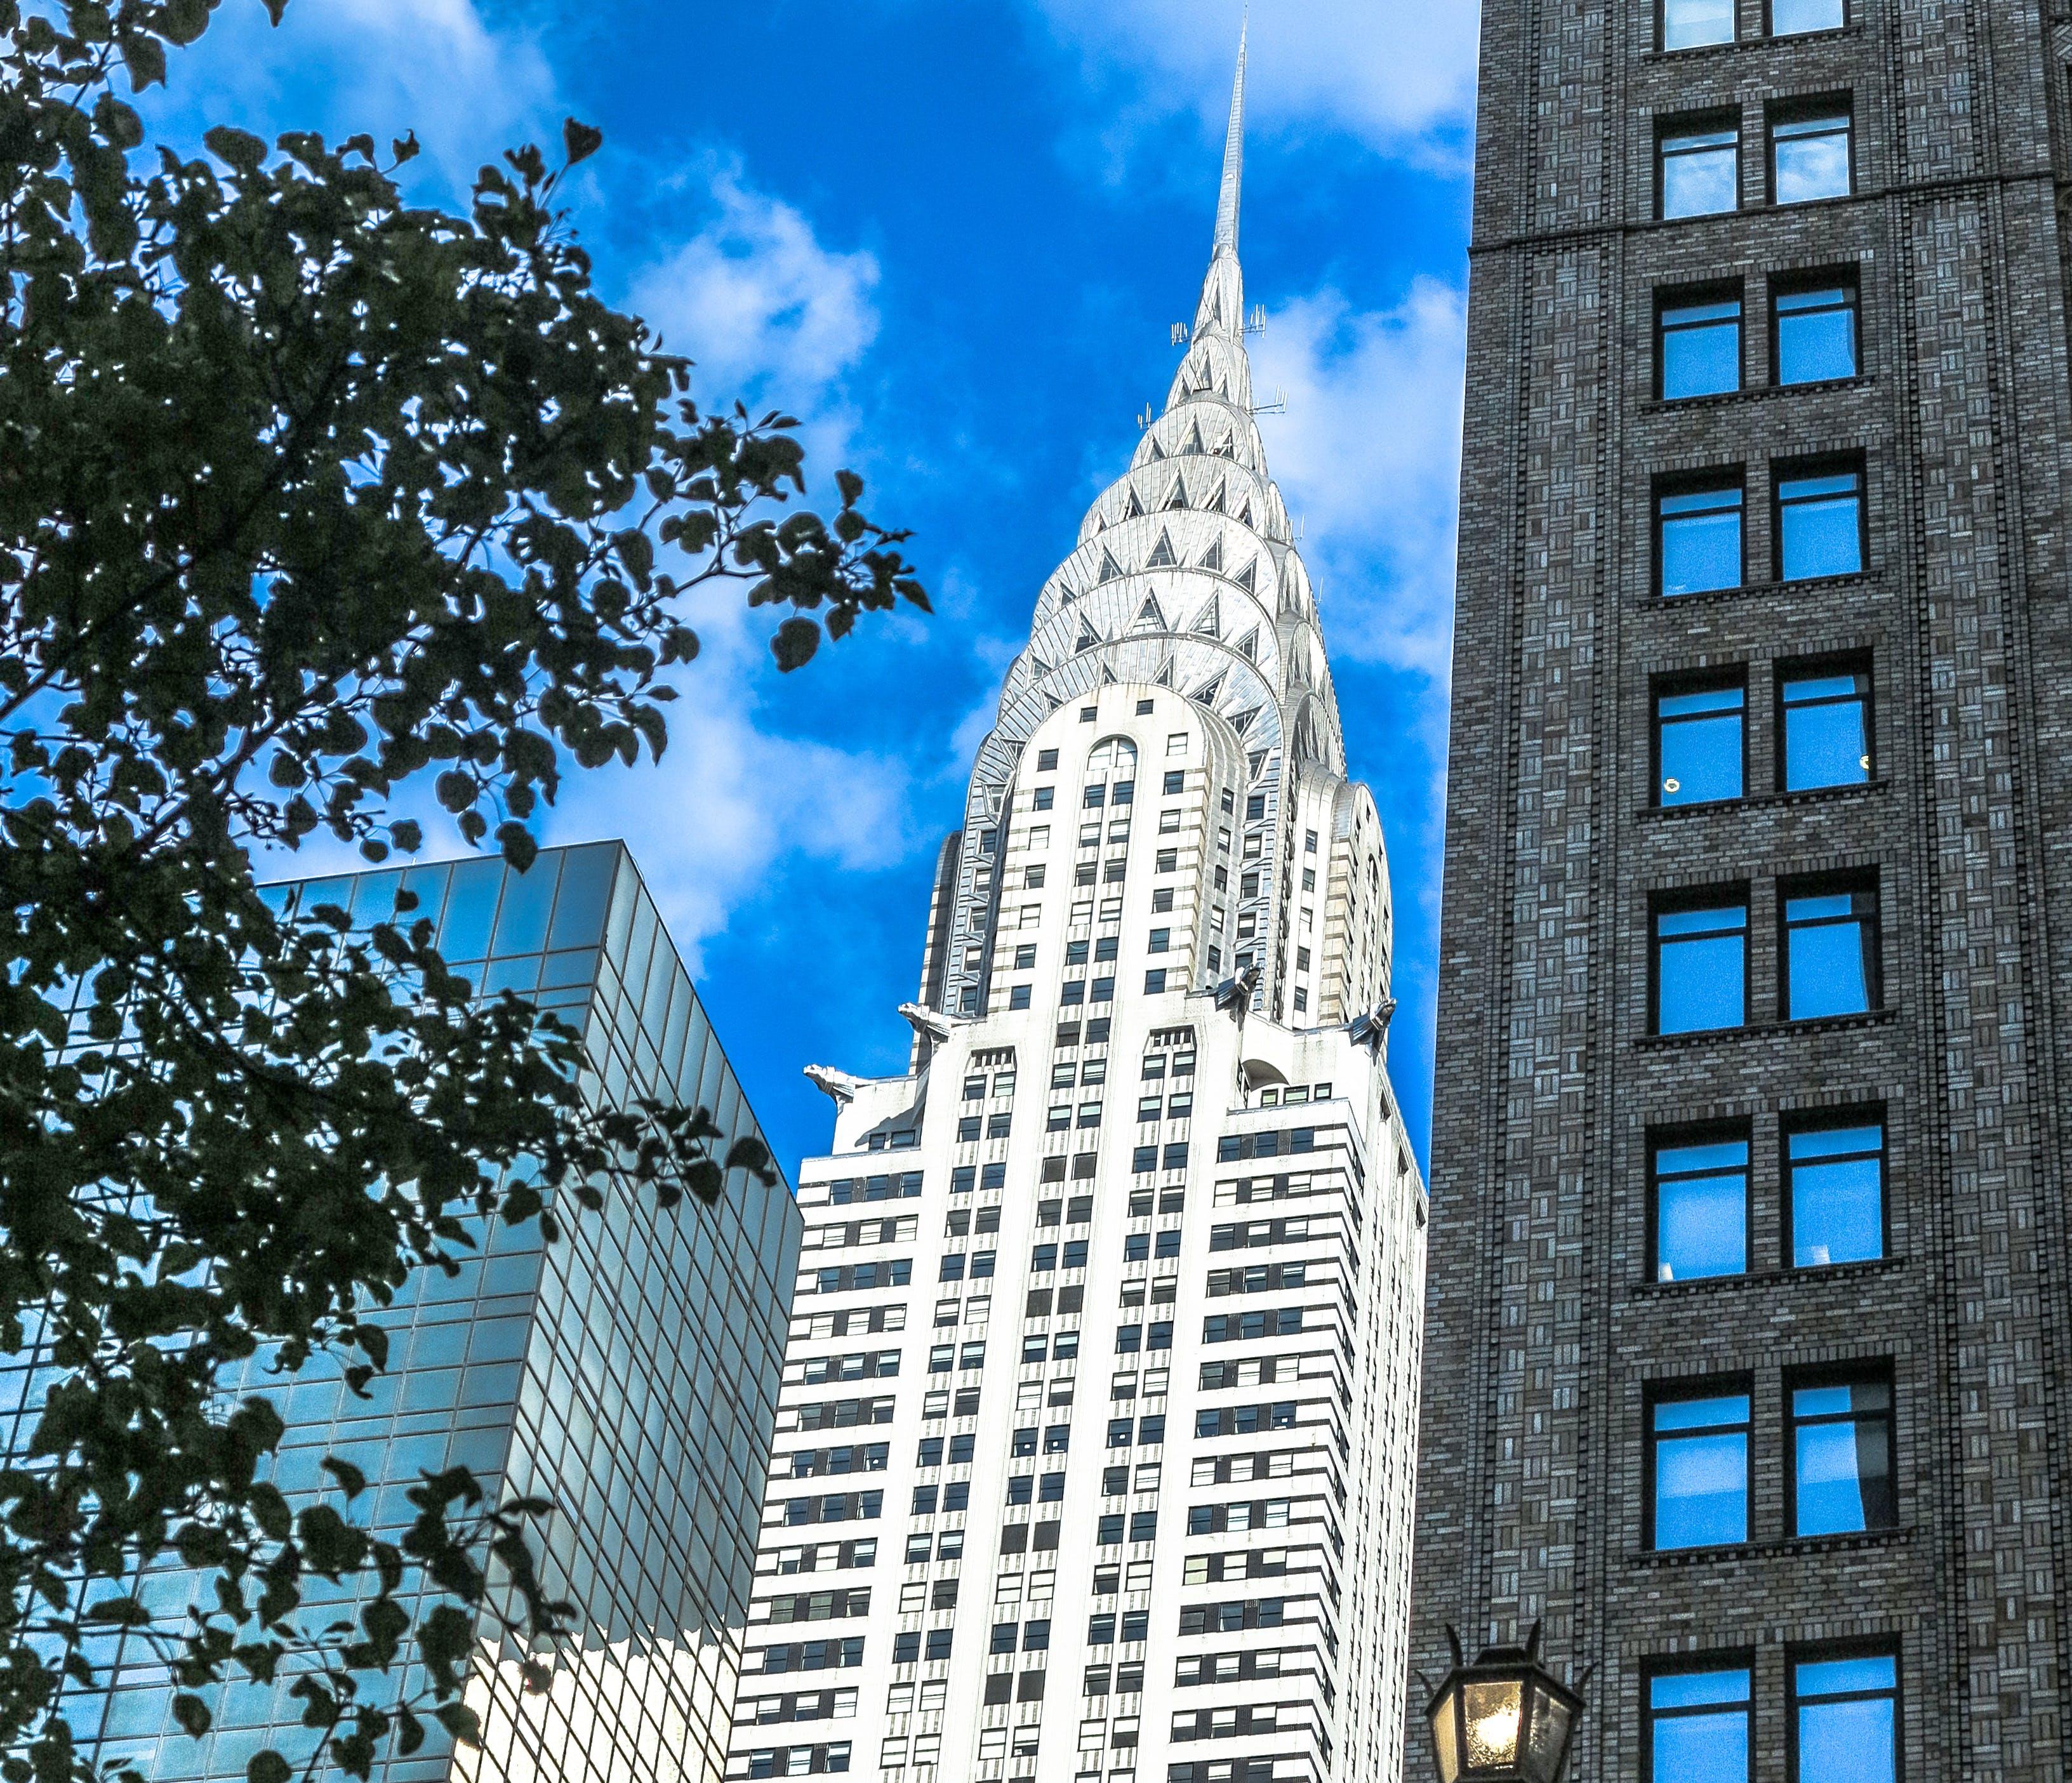 Kostenloses Stock Foto zu architektur, hochhaus, innenstadt, new york